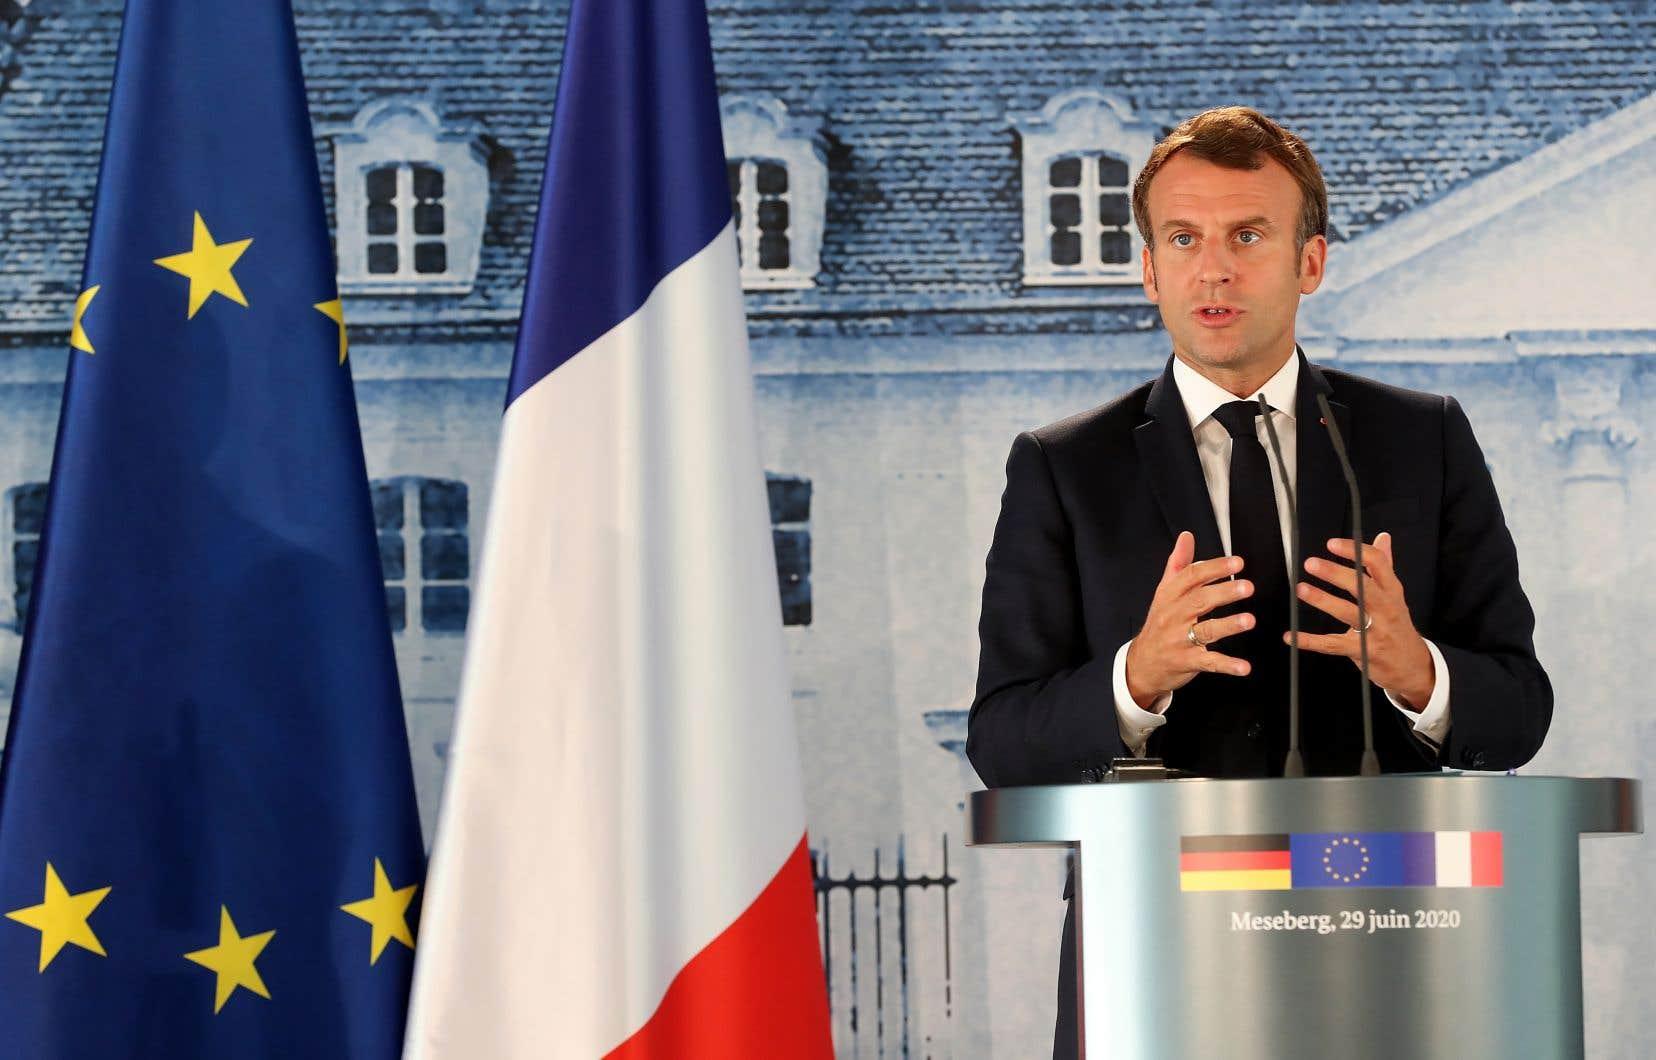 «Nous sommes à un moment d'indispensable clarification de la politique turque en Libye, qui est pour nous inacceptable», a déclaré le président français lundi.